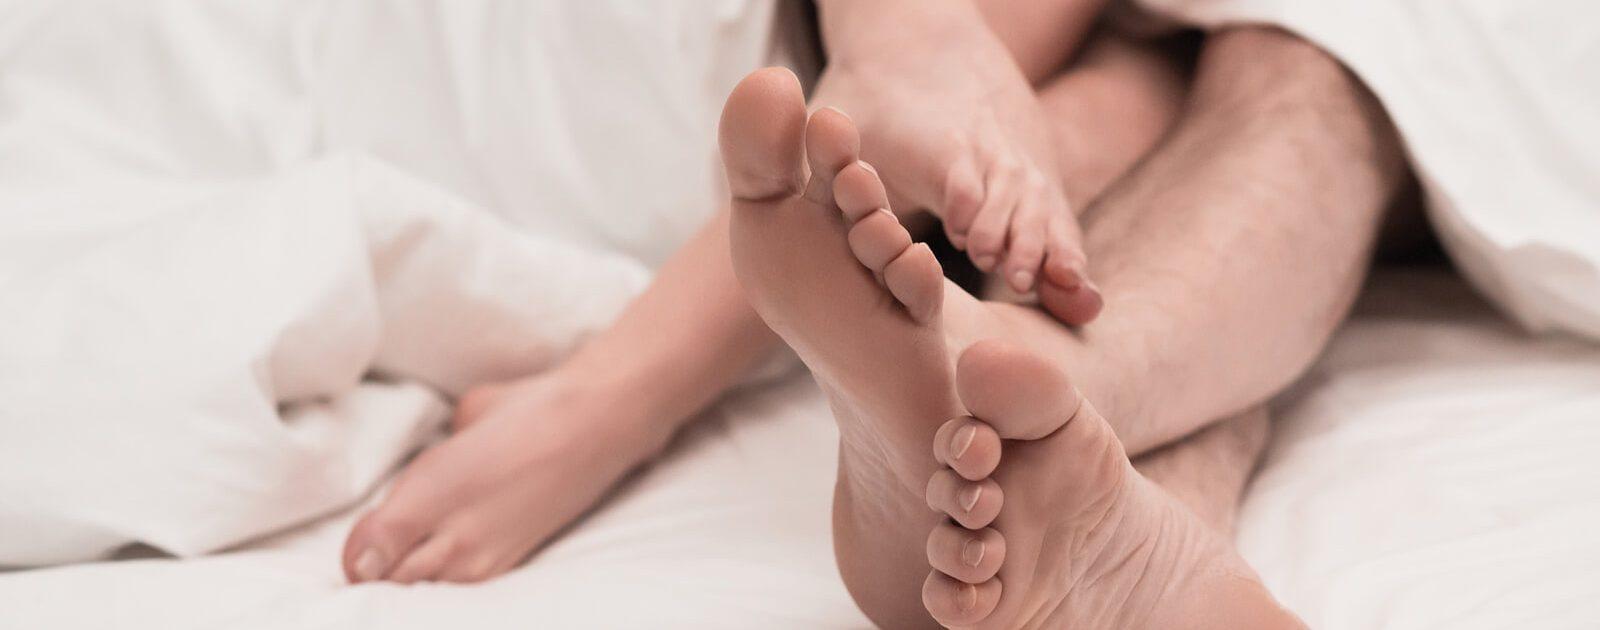 Nackte Beine unter der Bettdecke – ein Penisbruch gehört zu den typischen Sexunfällen.